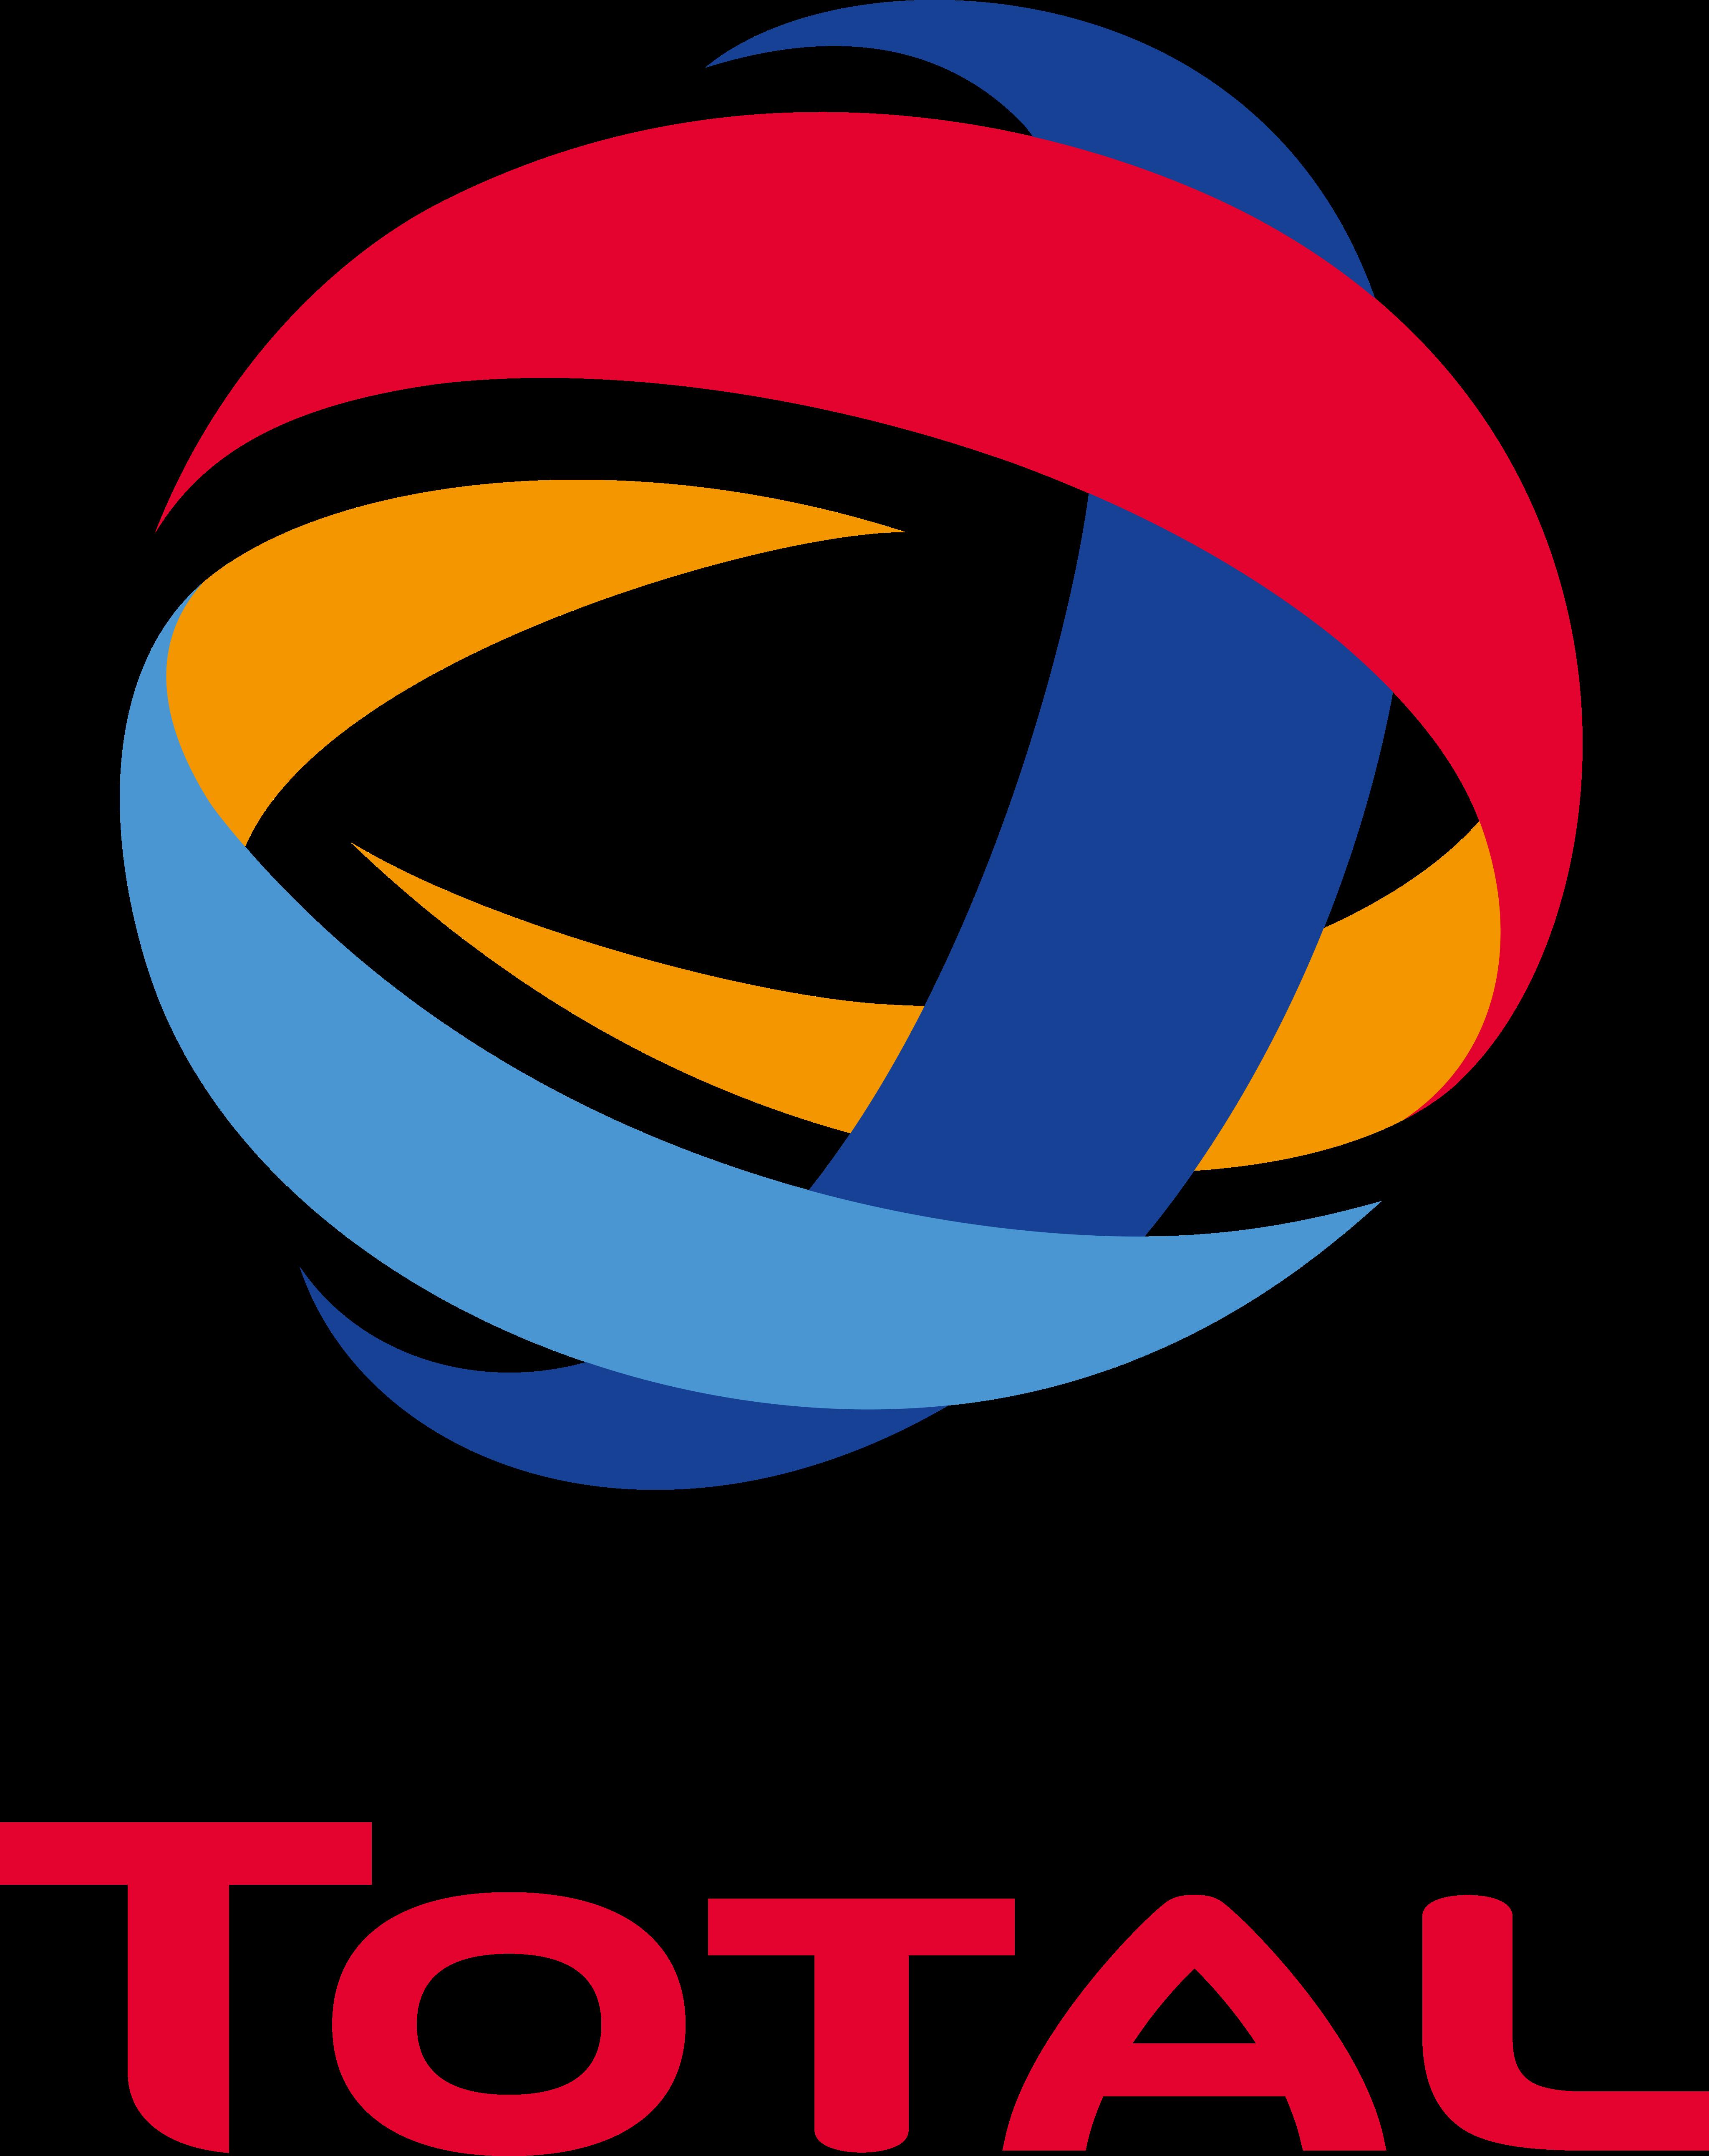 total logo 1 - Total Logo